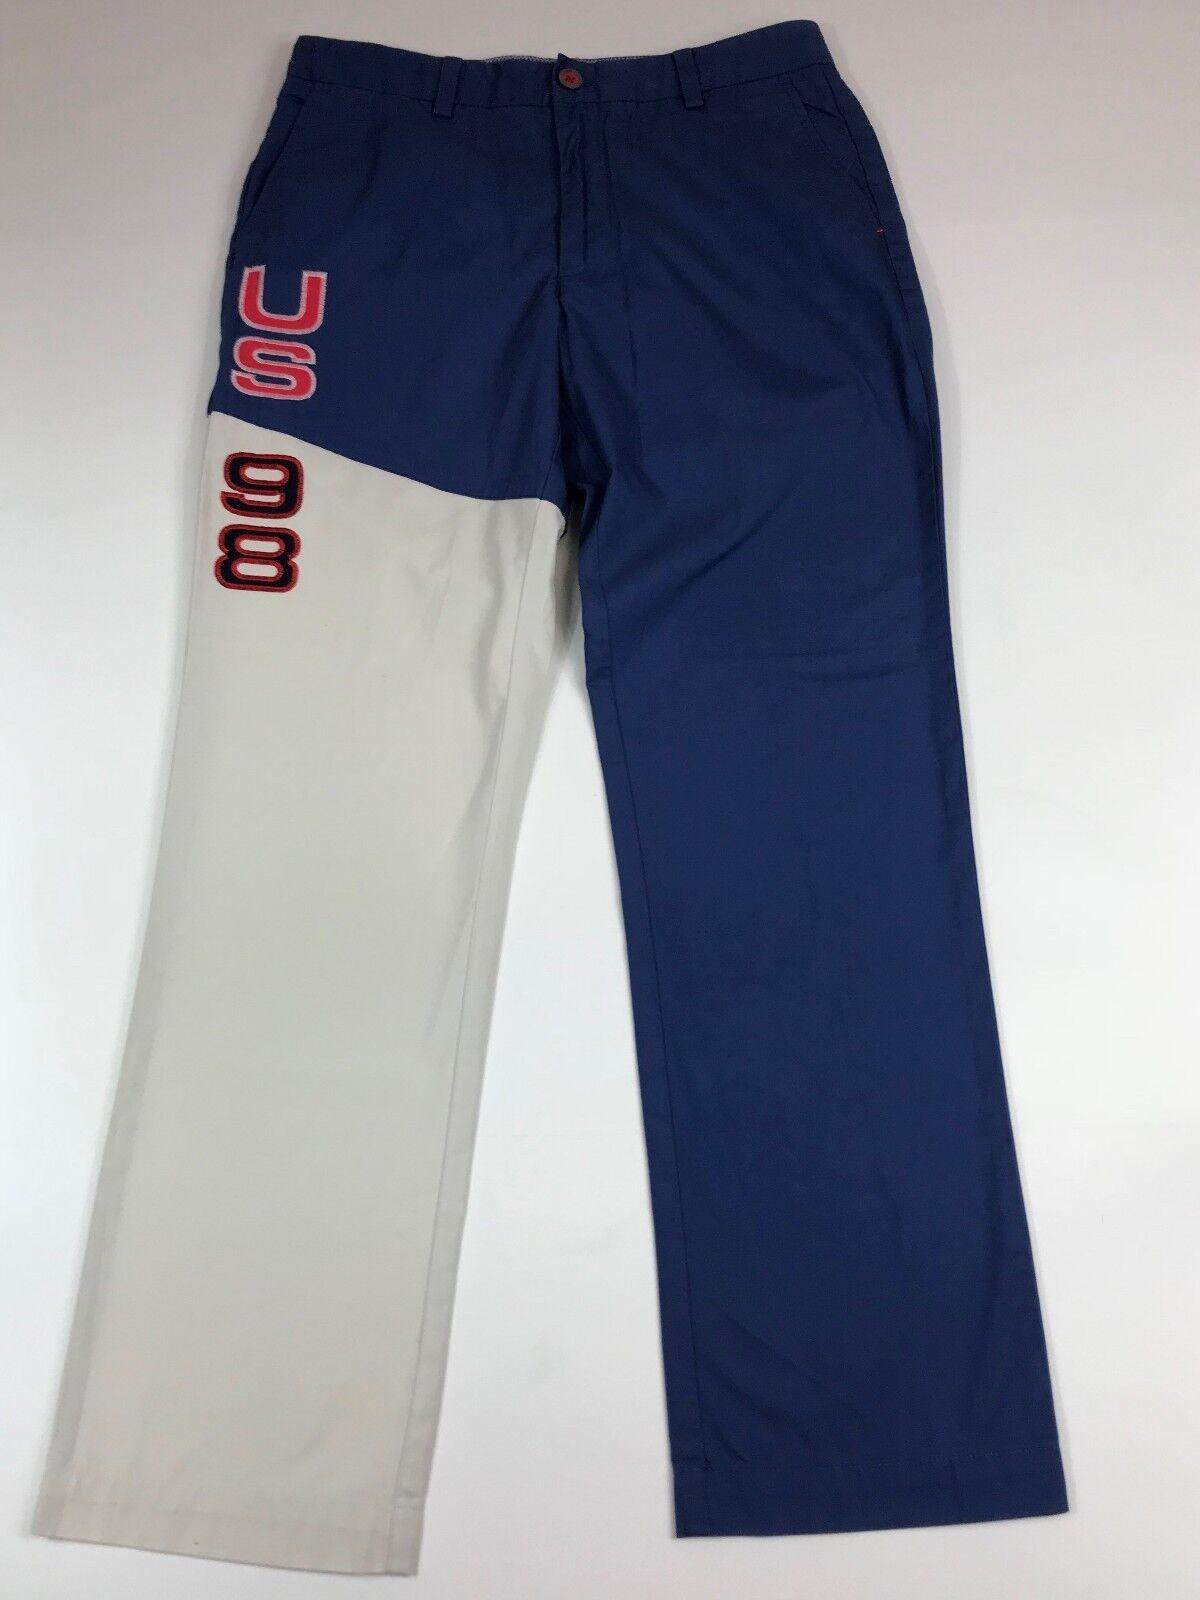 Vineyard Vines Mens US 98 Embroidery Slim Fit Breaker Pants Size  W30 L30